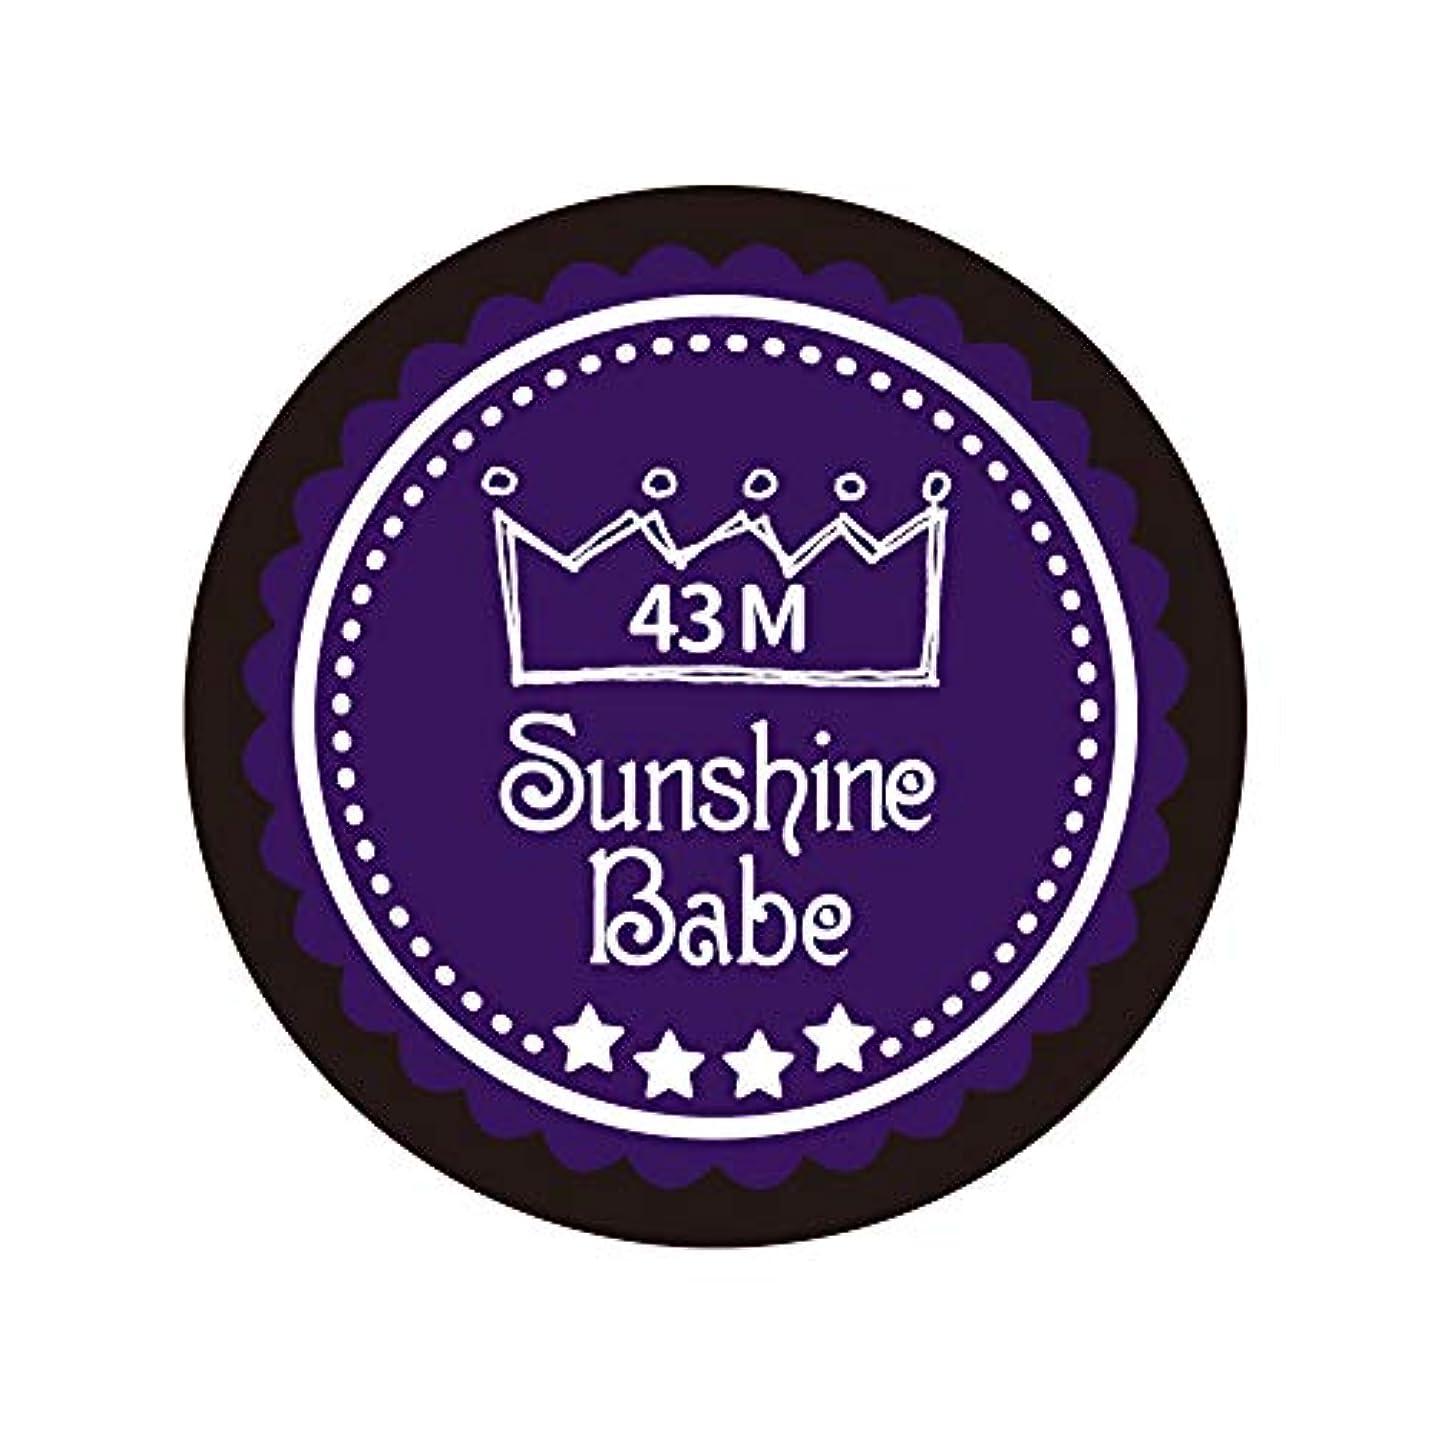 メロドラマ過度に呼びかけるSunshine Babe カラージェル 43M オータムウルトラバイオレット 4g UV/LED対応